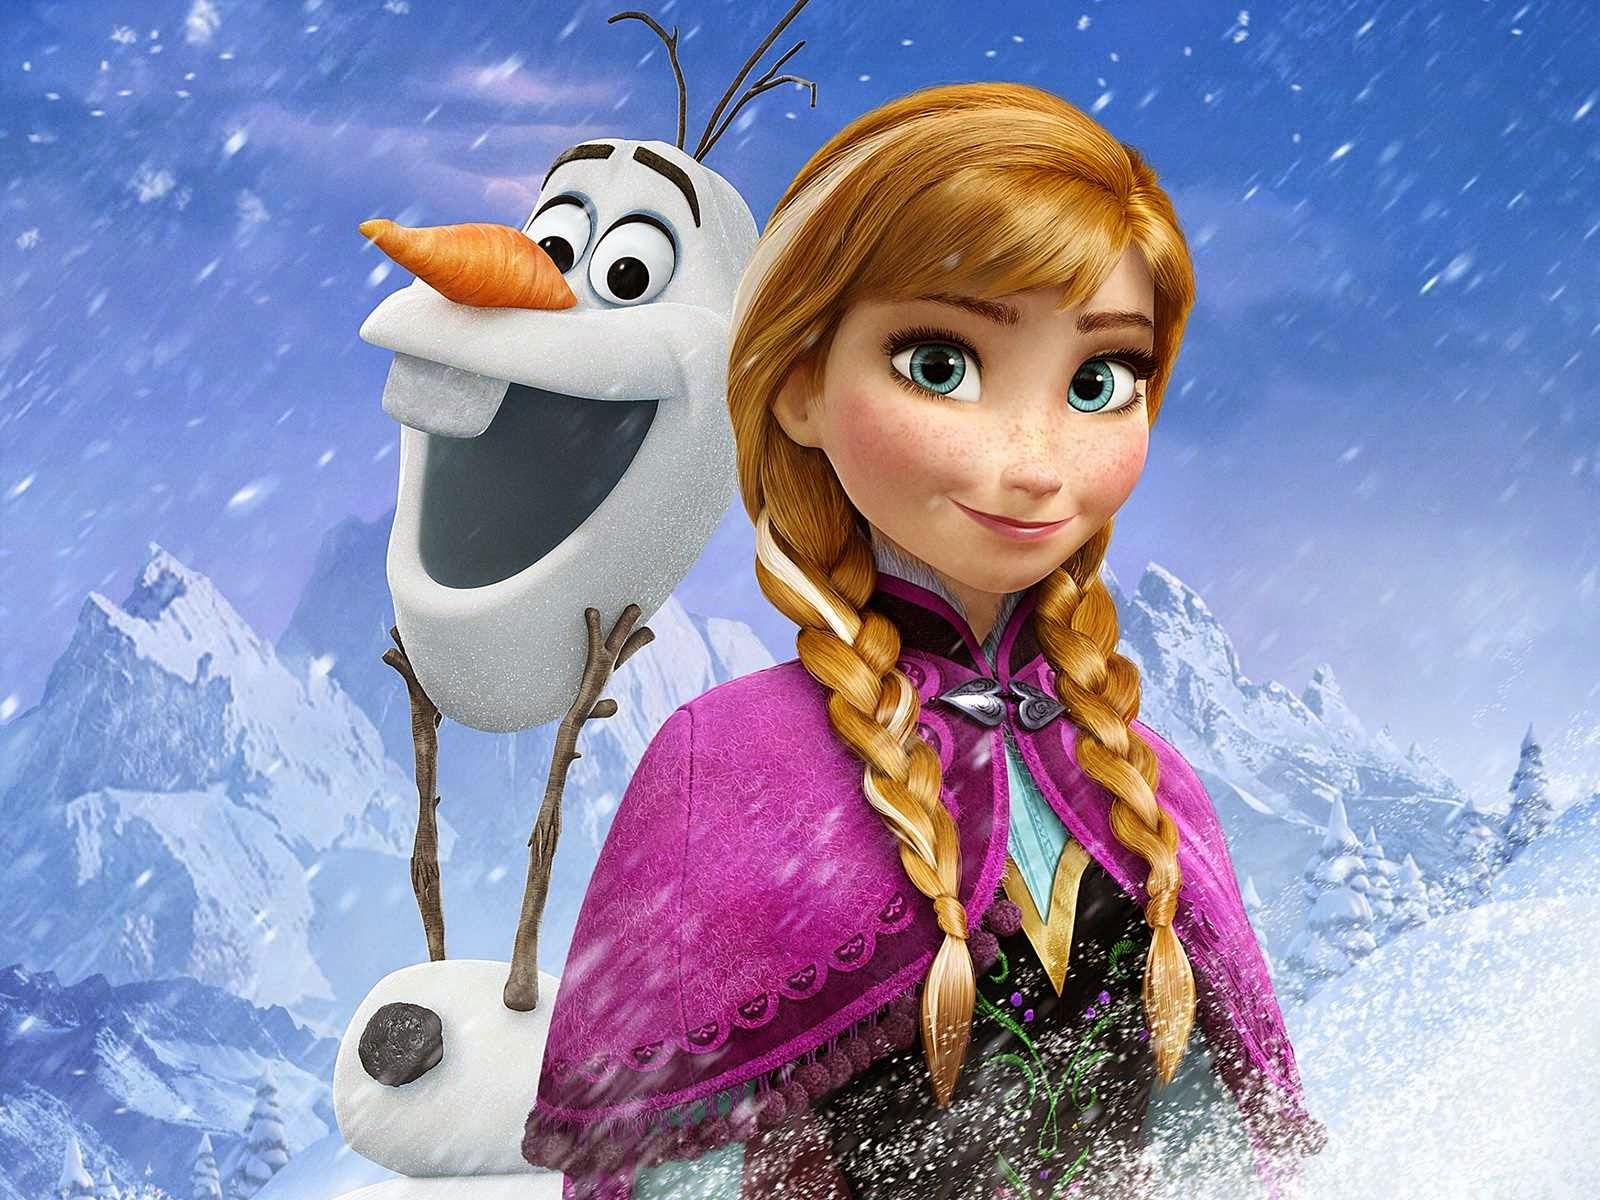 أجمل الخلفيات لفيلم Frozen ملكة الثلج كل يوم صورة ثقافية